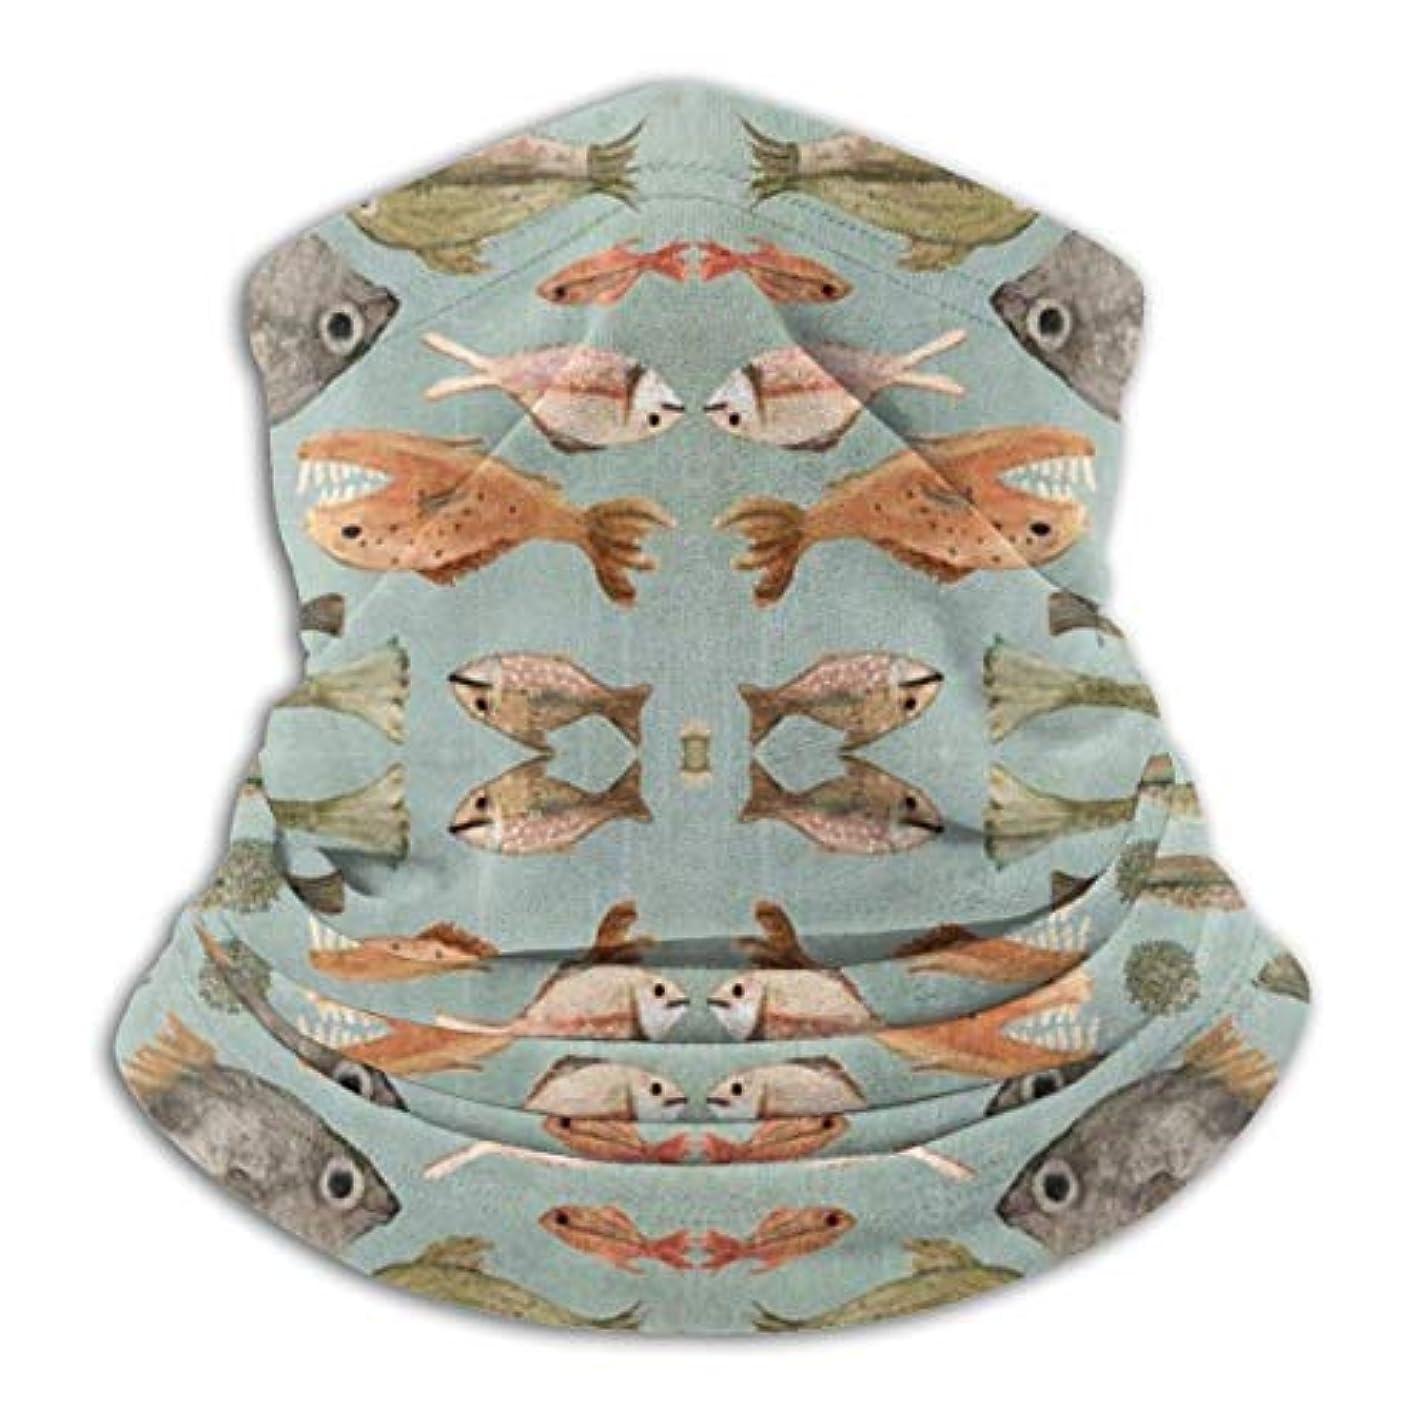 比較的息切れウィザードアヒルの卵の青 ネック暖かいスカーフ サーマルネックスカーフ マイクロファイバーネックウォーマー ネックウォーマー マフラー 帽子 ヘッドバンド 秋冬 防寒 防風 キャップ 多機能 ネック ゲーター 男女兼用